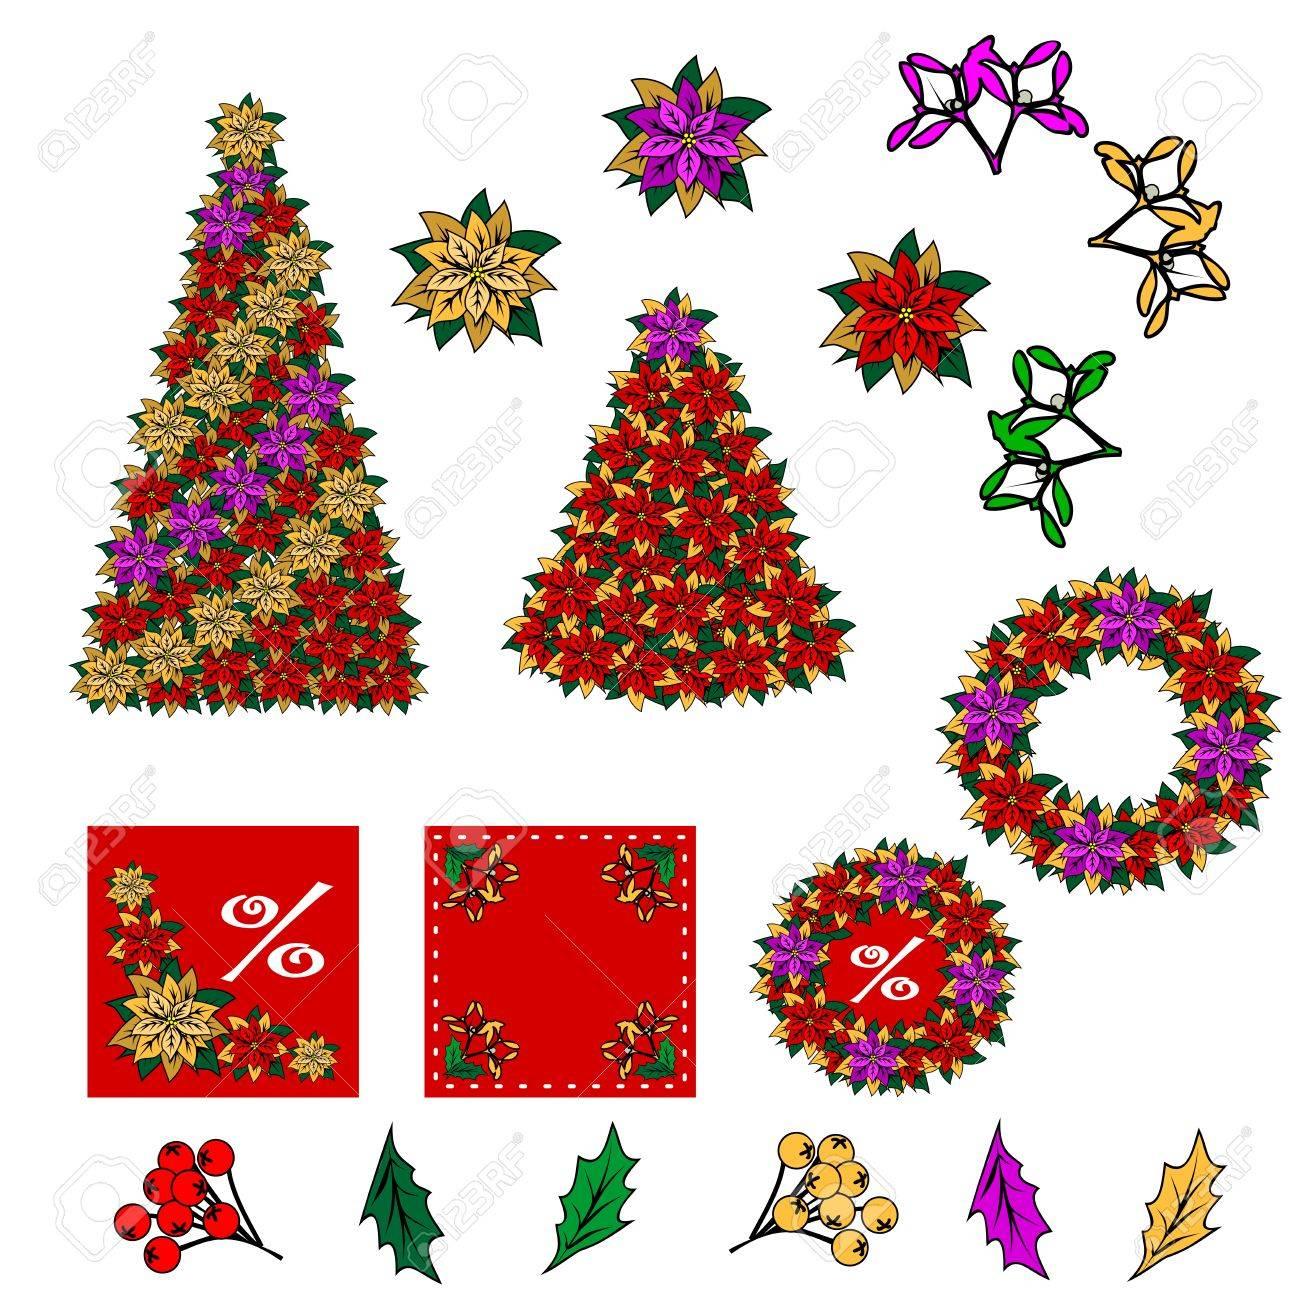 Sammlung Von Weihnachten Bilder. Weihnachten Zeichnungen. Sie Können ...